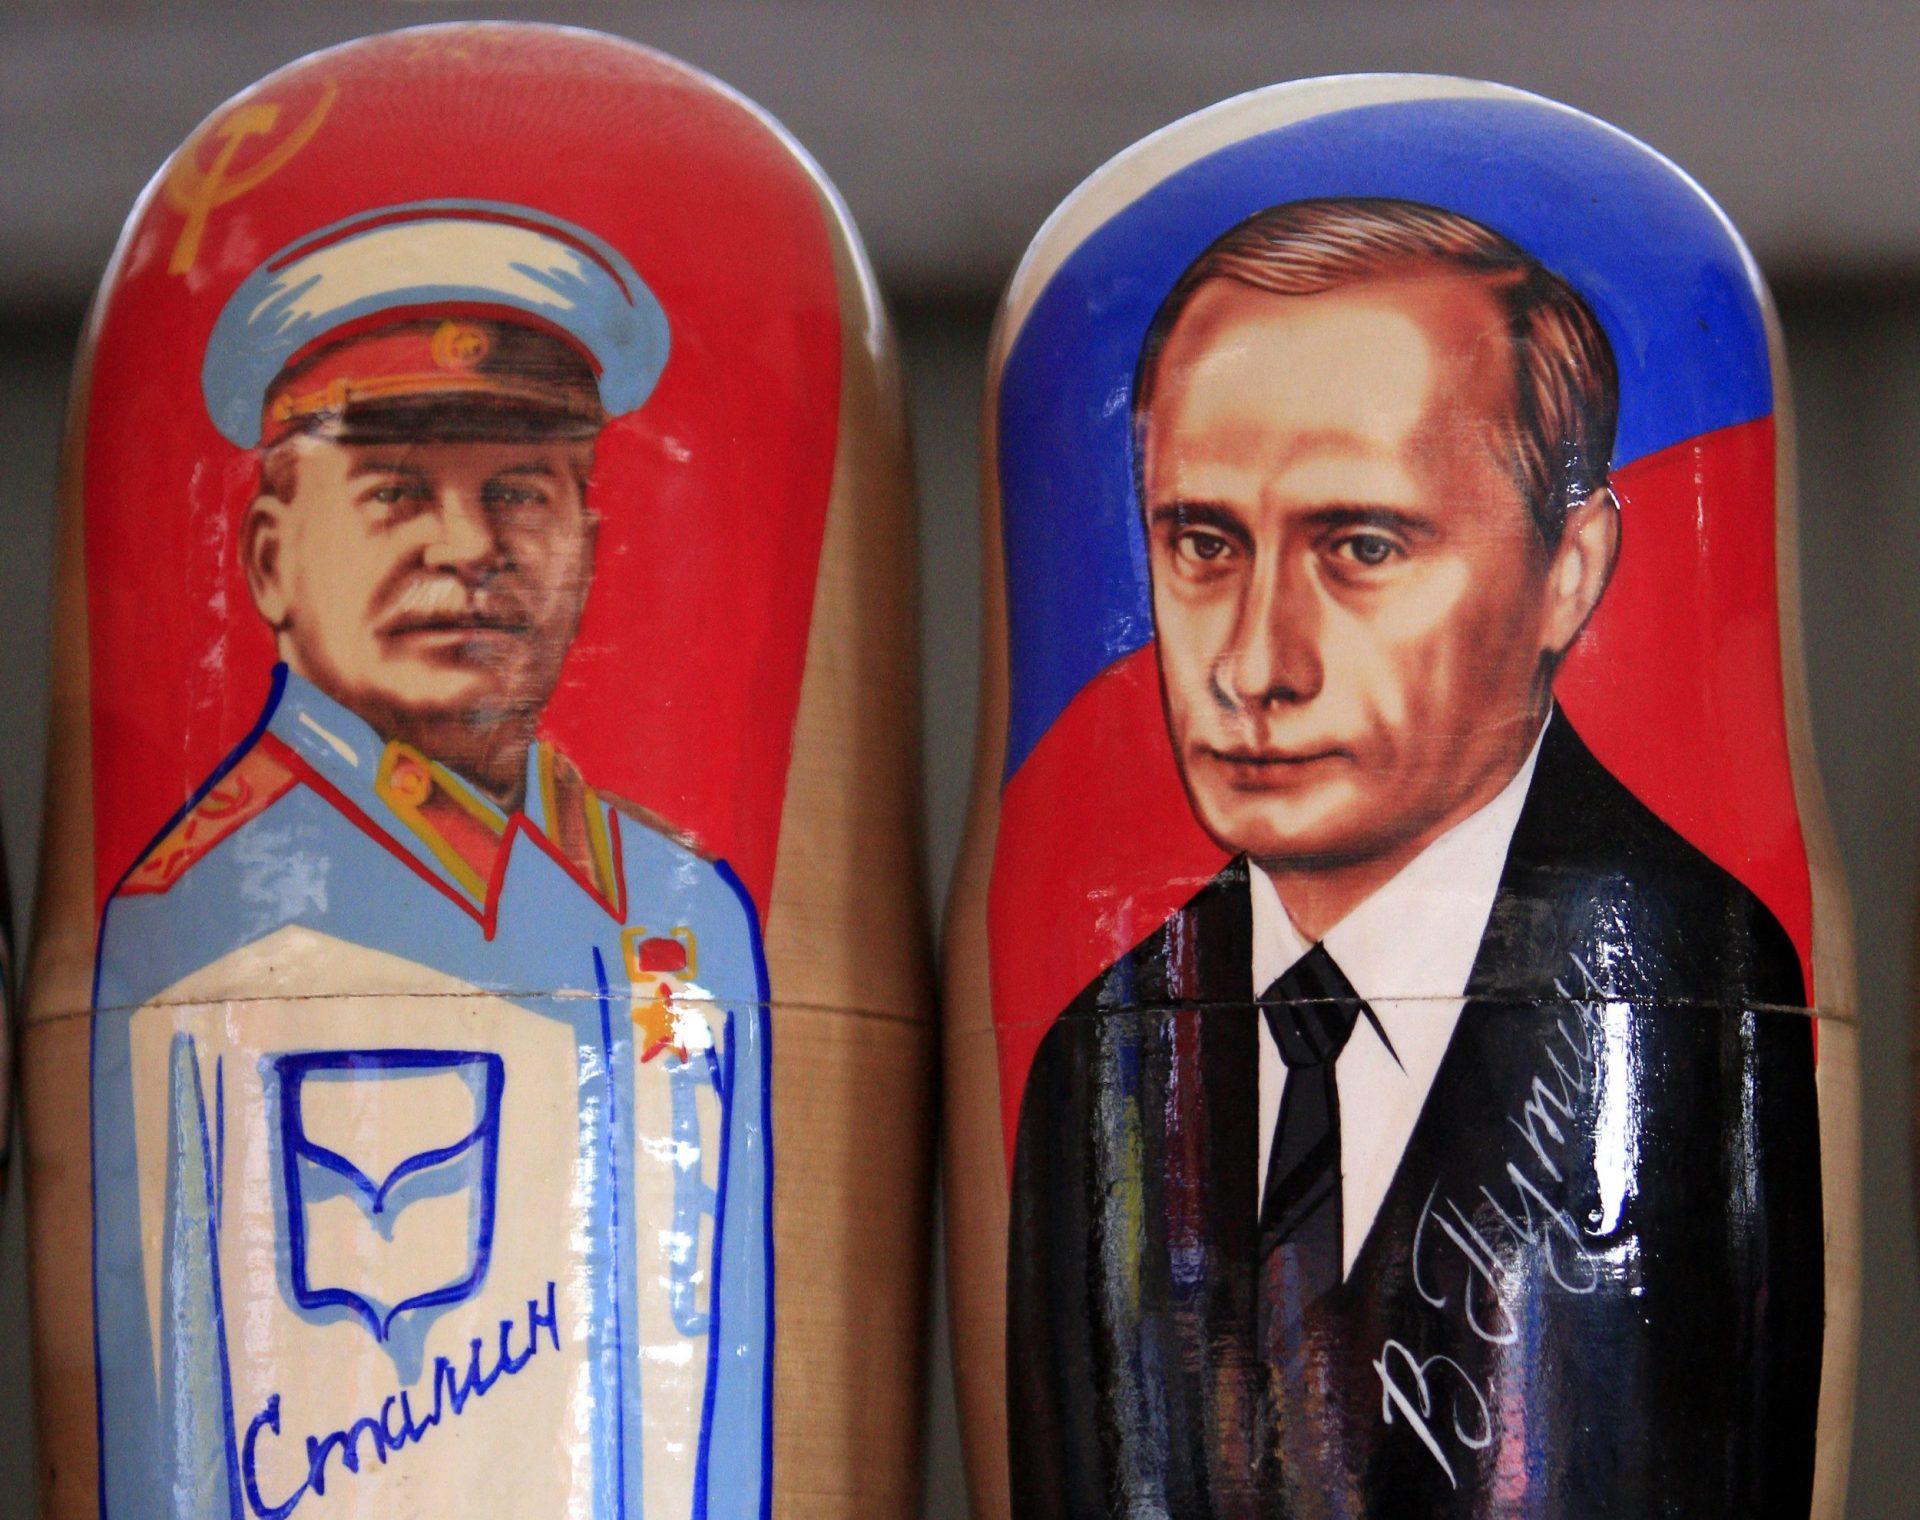 Stalin rămâne cea mai notabilă figură din istorie pentru ruși, în timp ce Putin pierde din popularitate